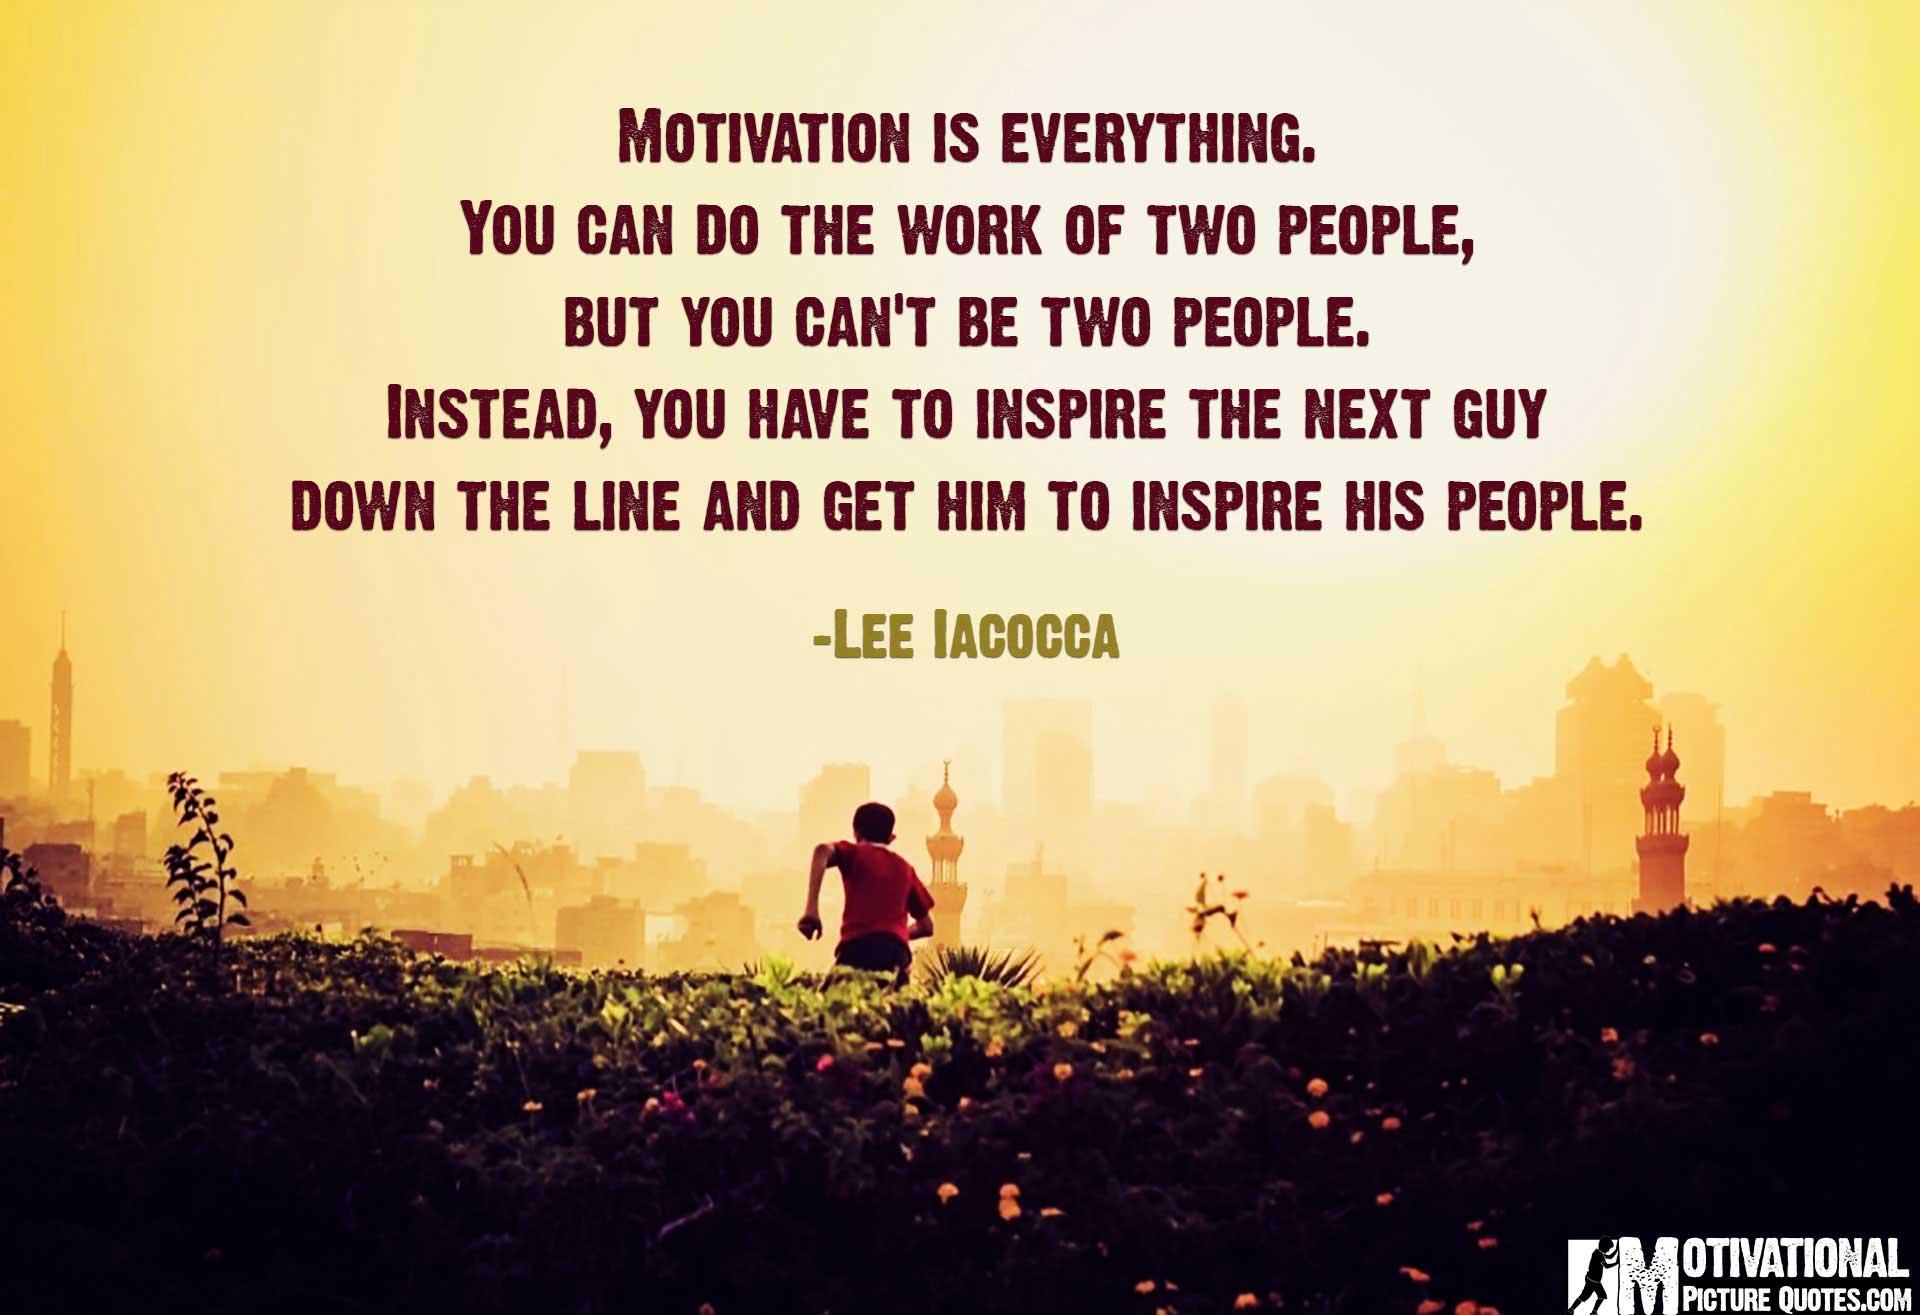 Motivation Quotes: 8+ Picture Quotes About Motivation